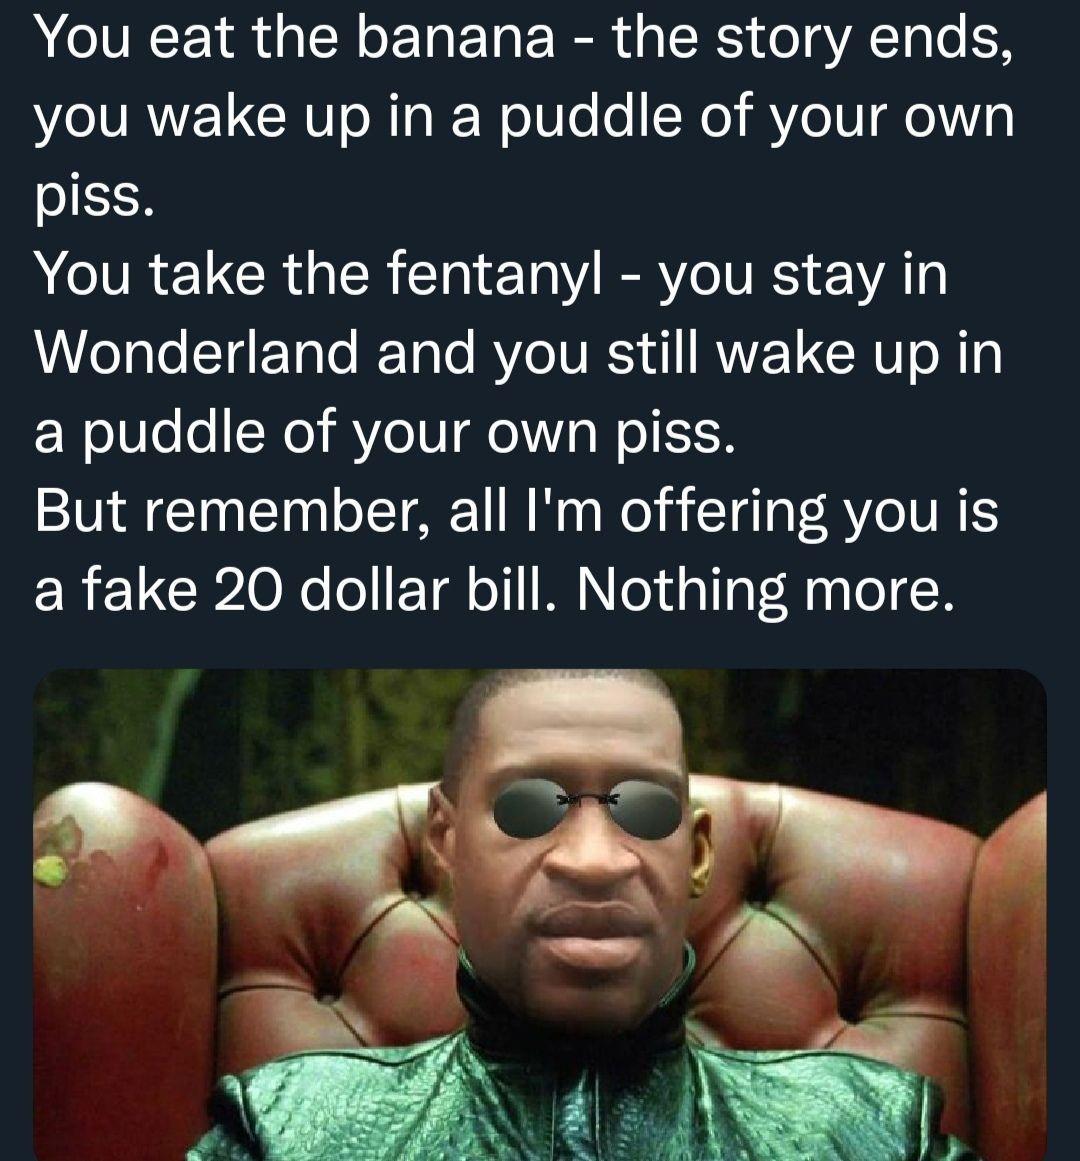 Le 20 dollar bill - meme